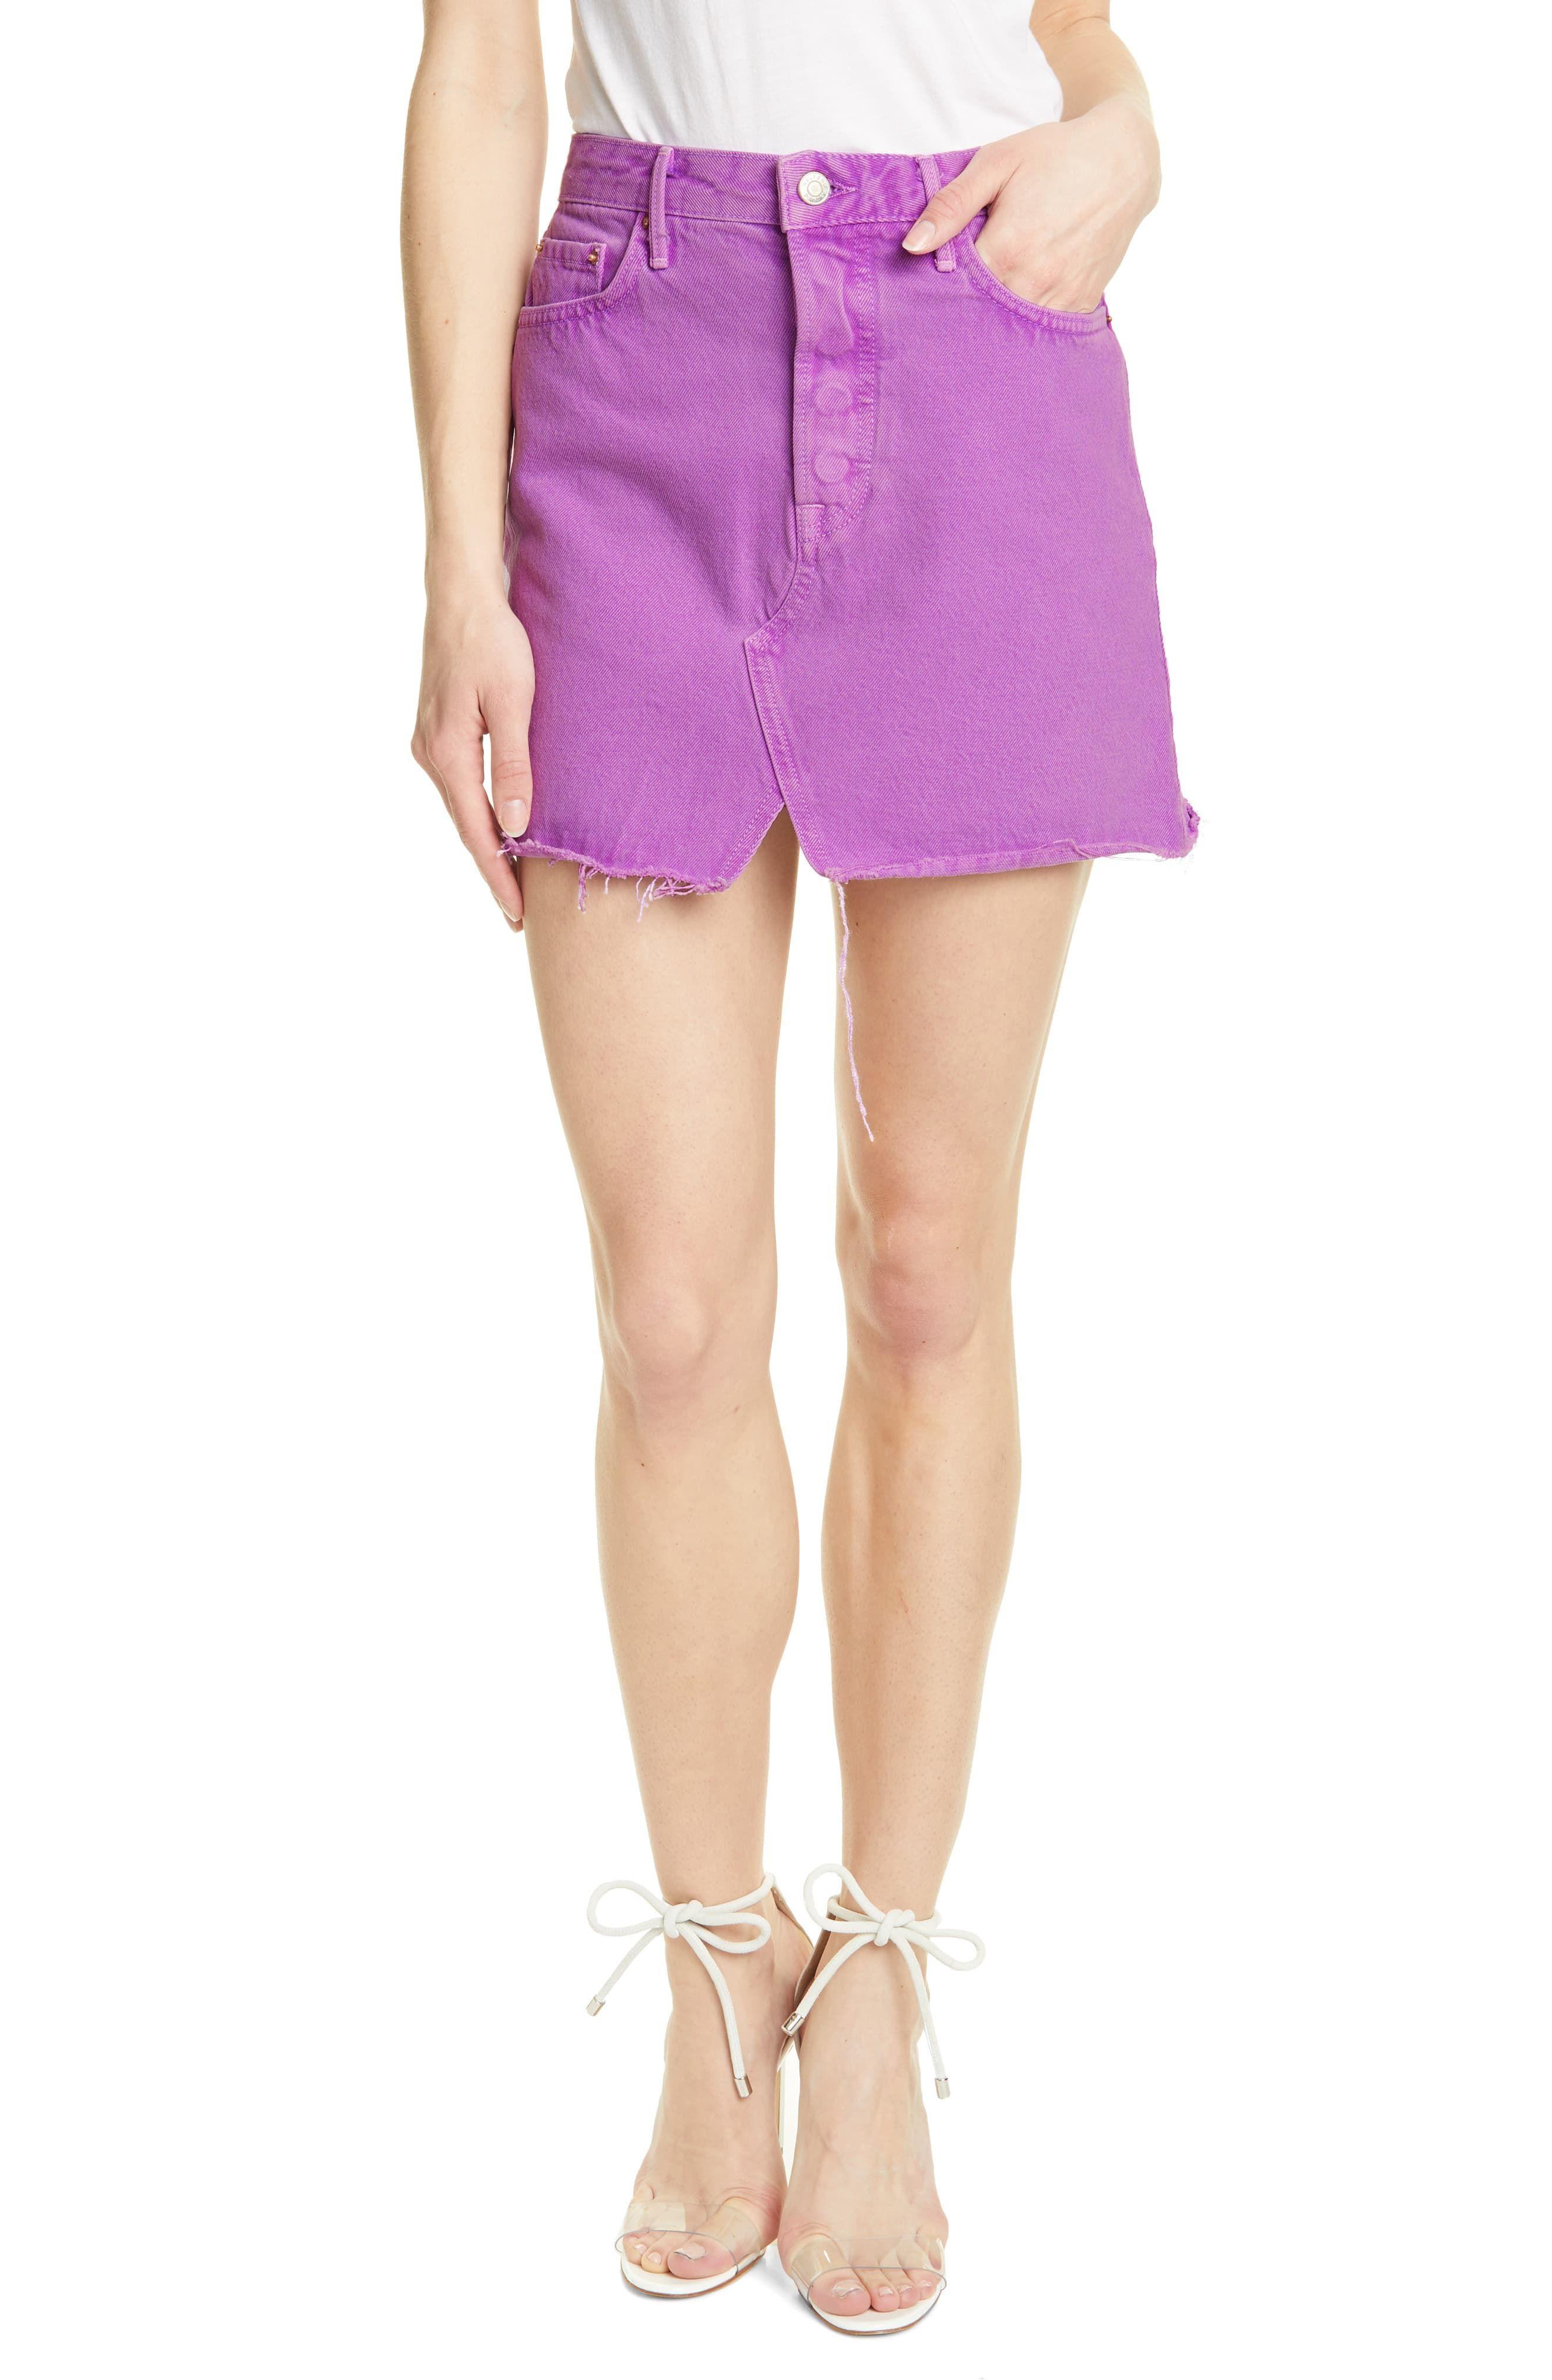 961a7091ee Women's Grlfrnd Milla Denim Miniskirt, Size 23 - Purple in 2019 ...